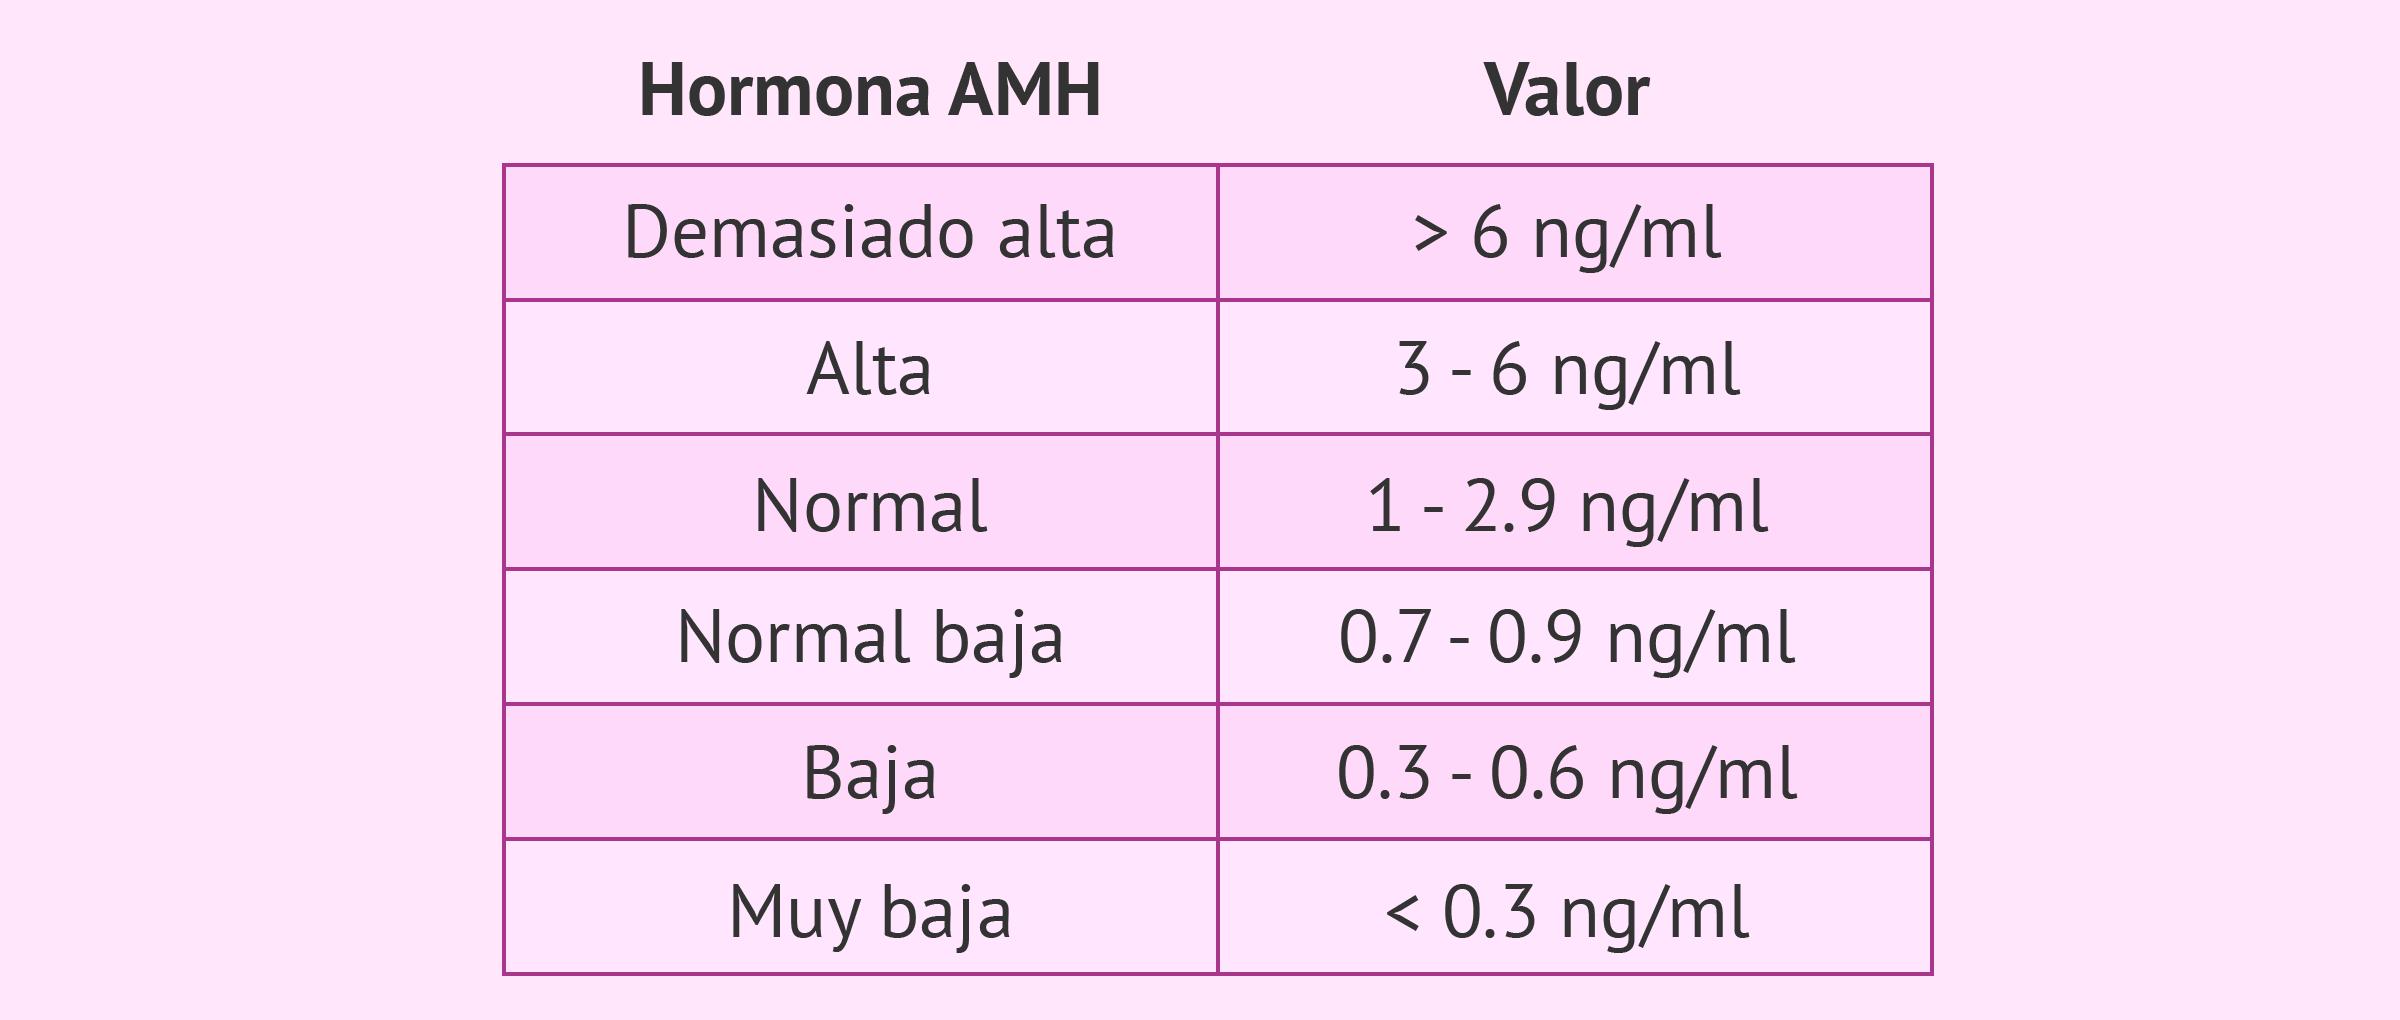 Tabla de valores de referencia de la hormona antimülleriana